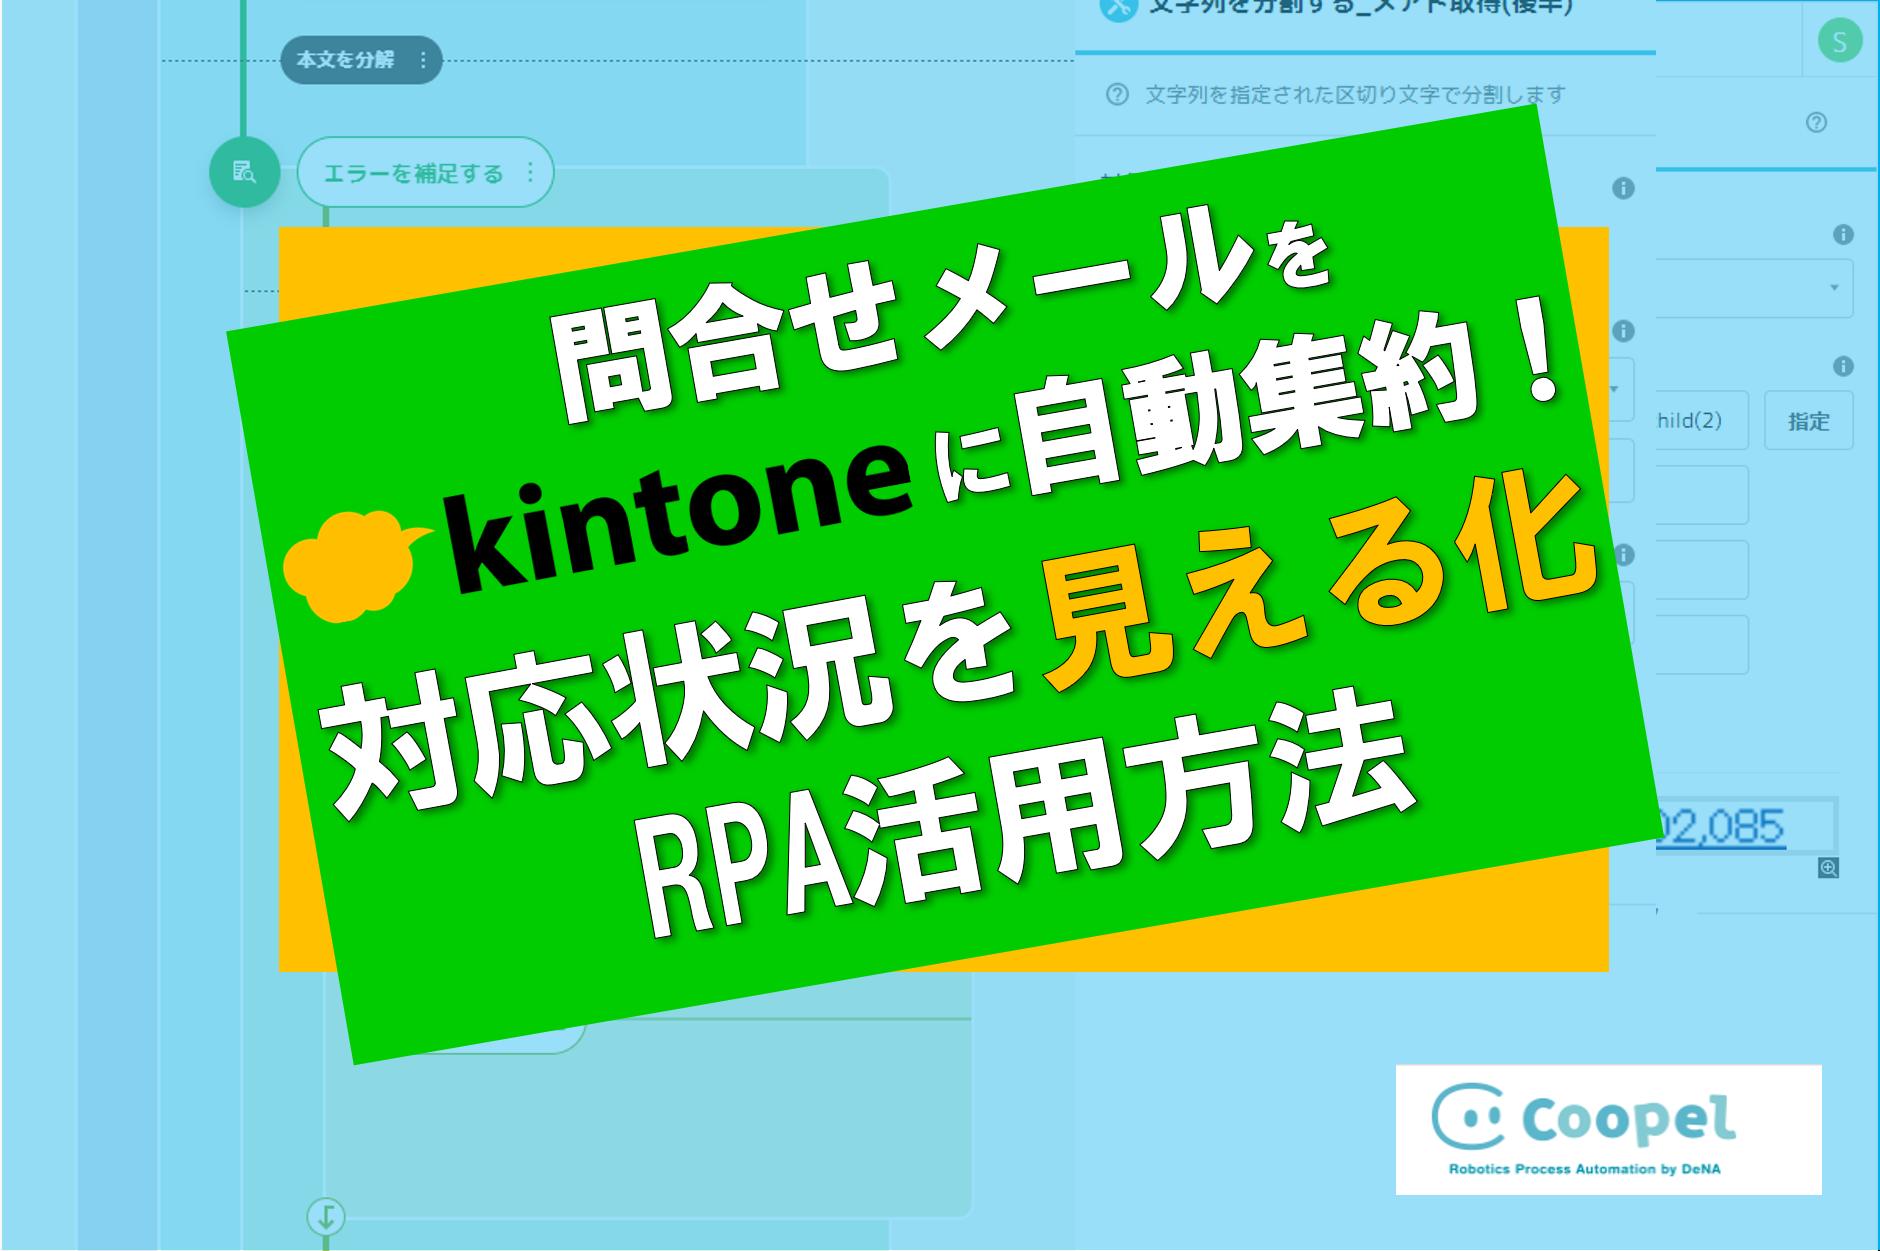 RPAで問い合わせをkintone(キントーン)に自動登録!情報を集約するメリットとは?